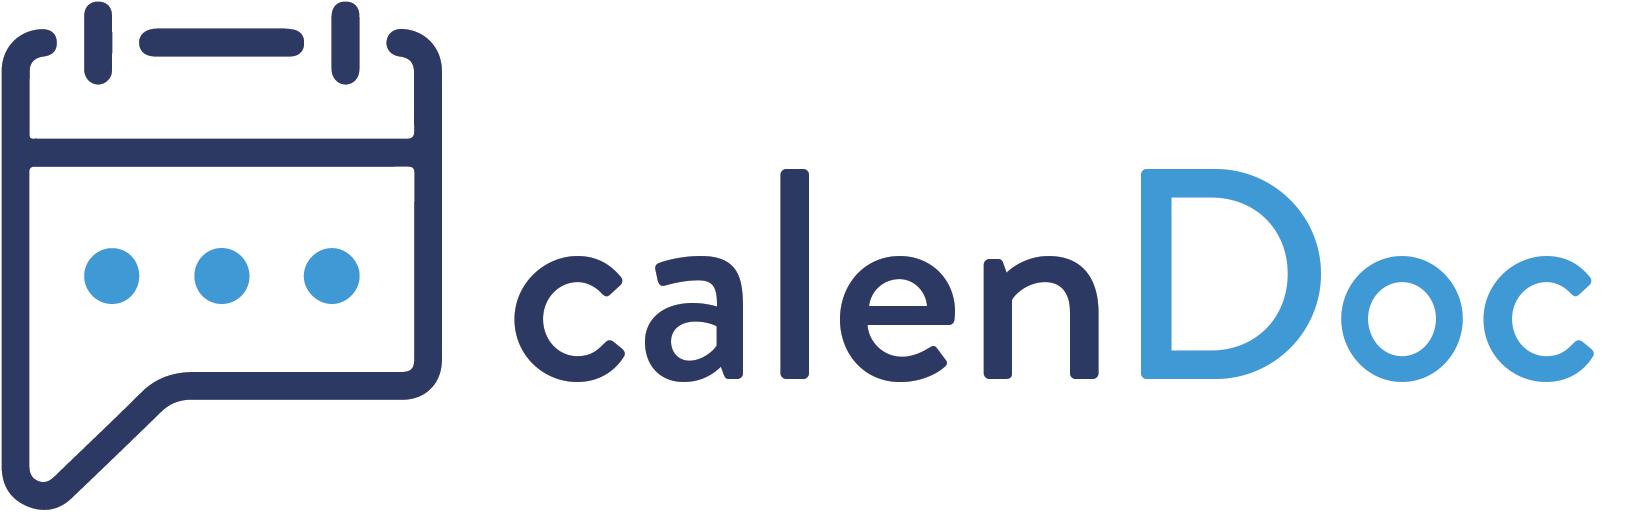 calenDoc